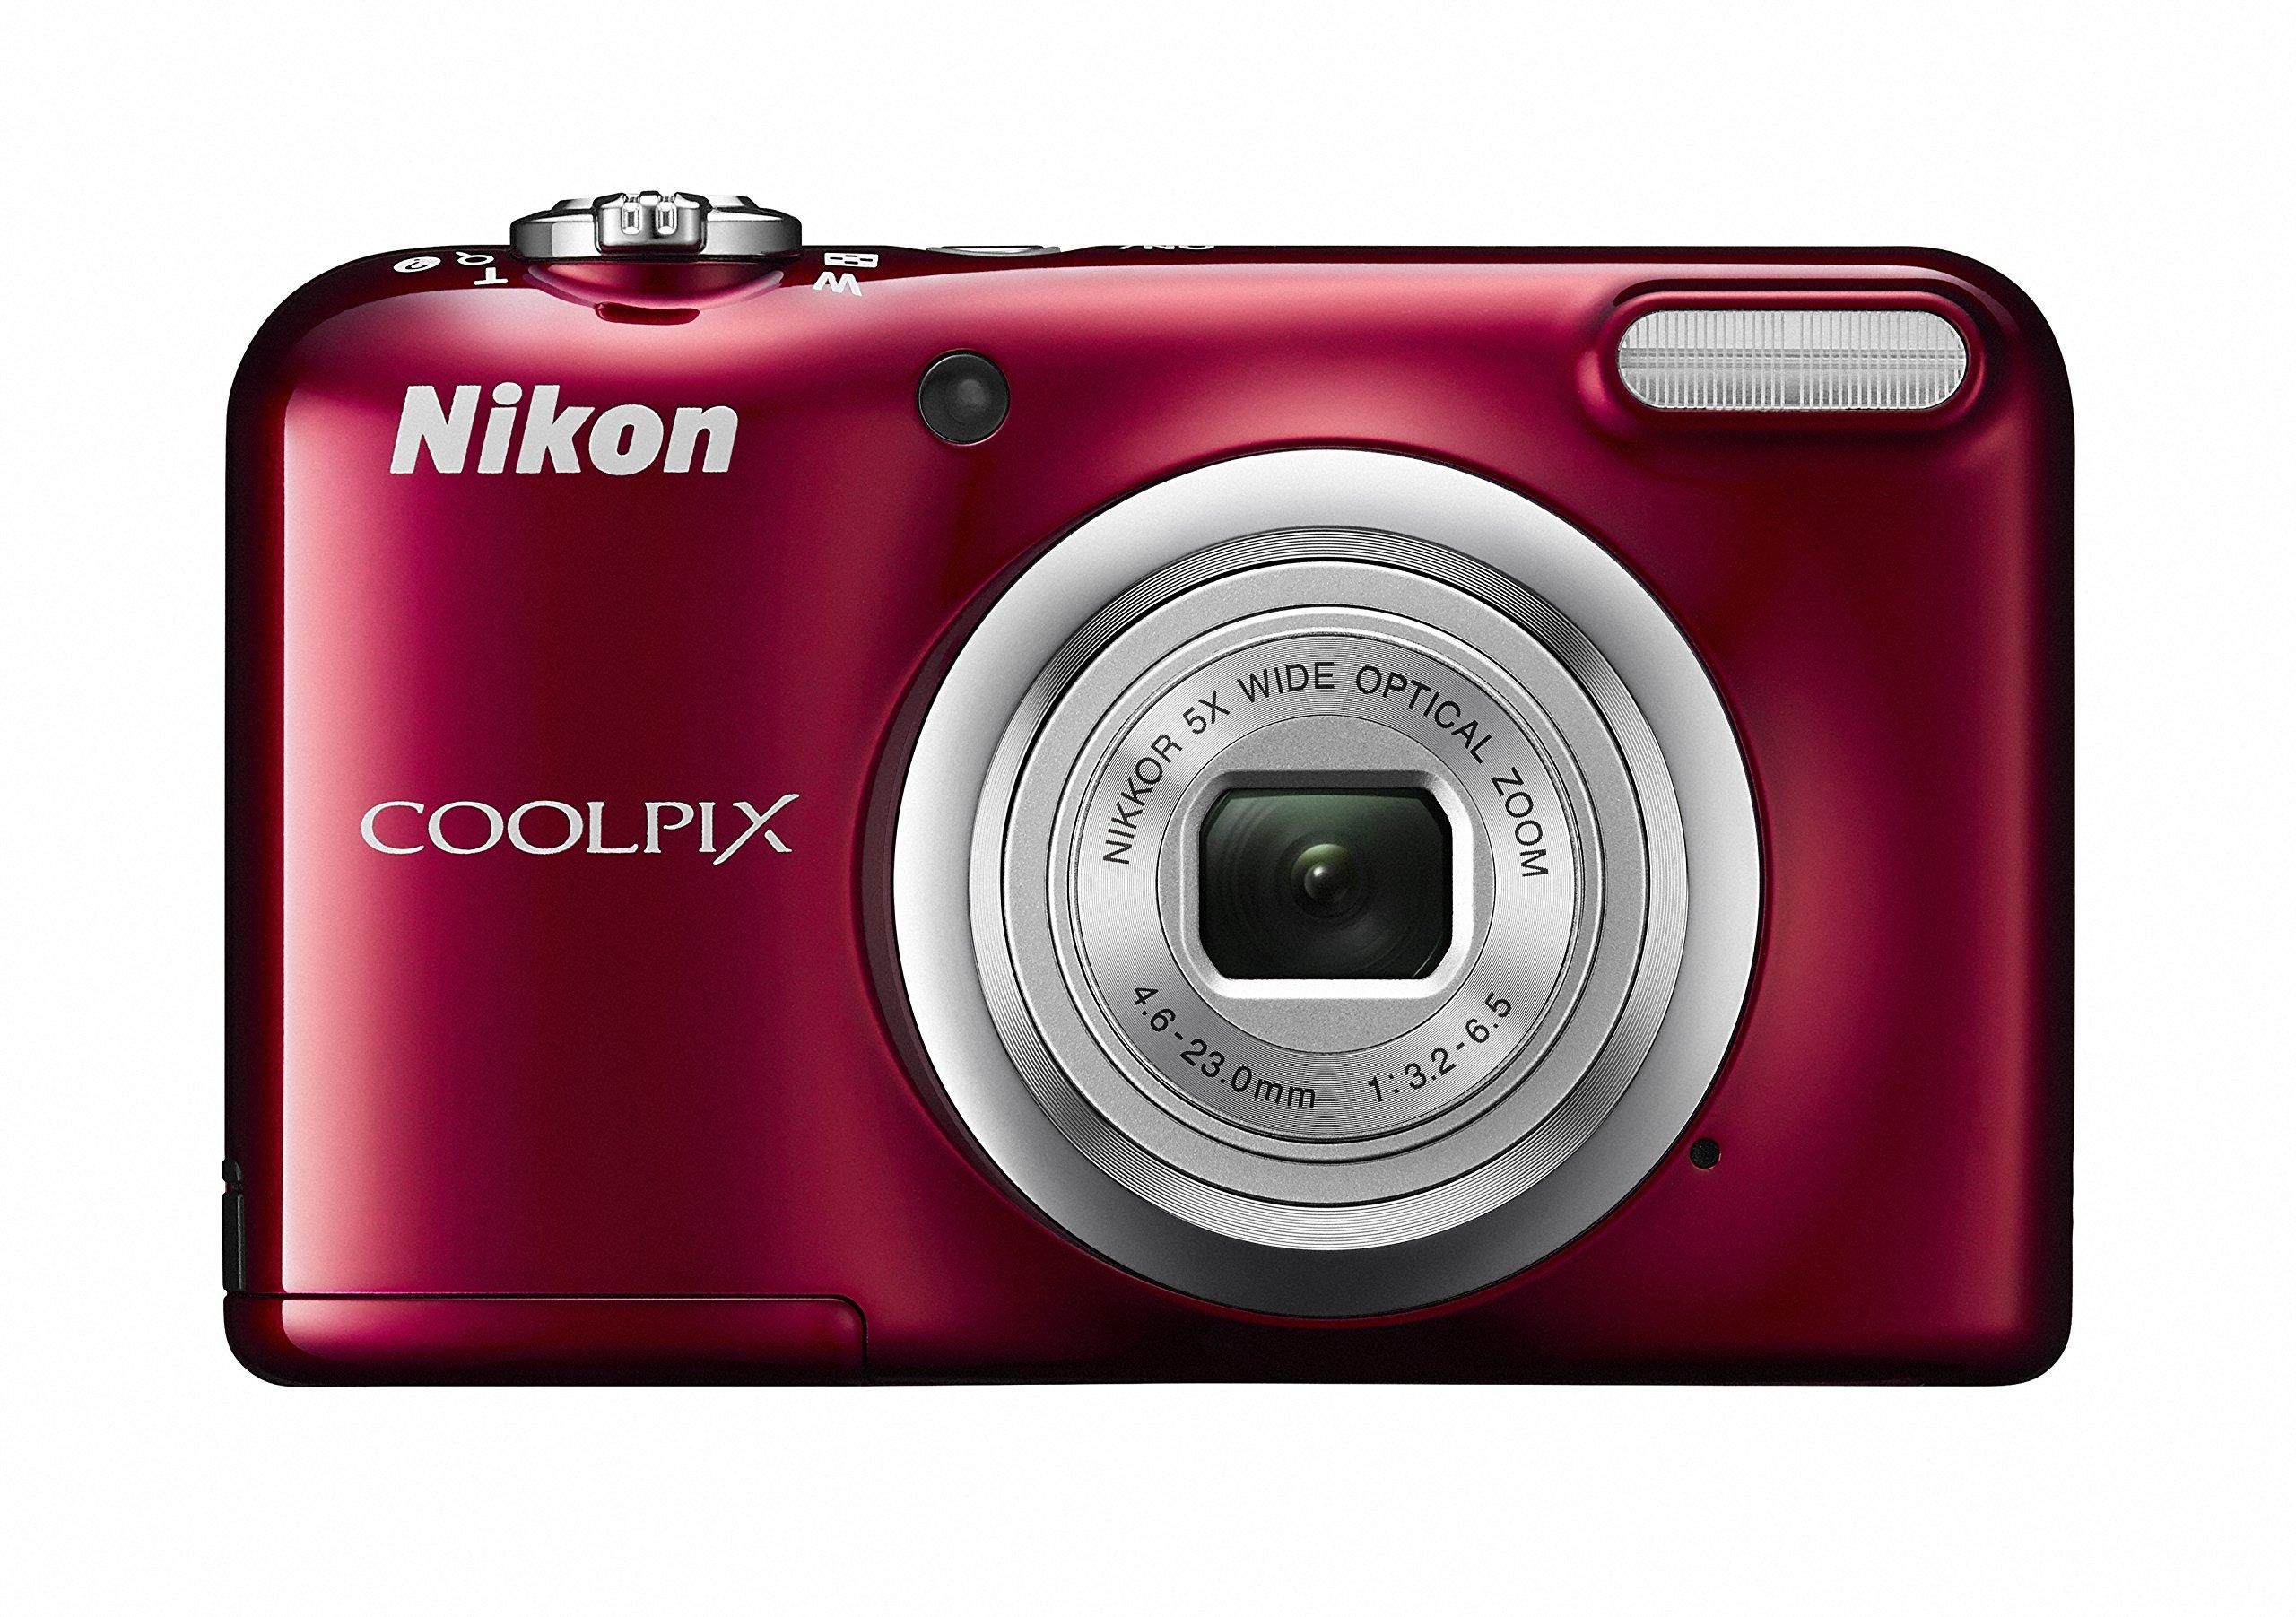 Nikon デジタルカメラ COOLPIX A10 レッド 光学5倍ズーム 1614万画素 乾電池タイプ